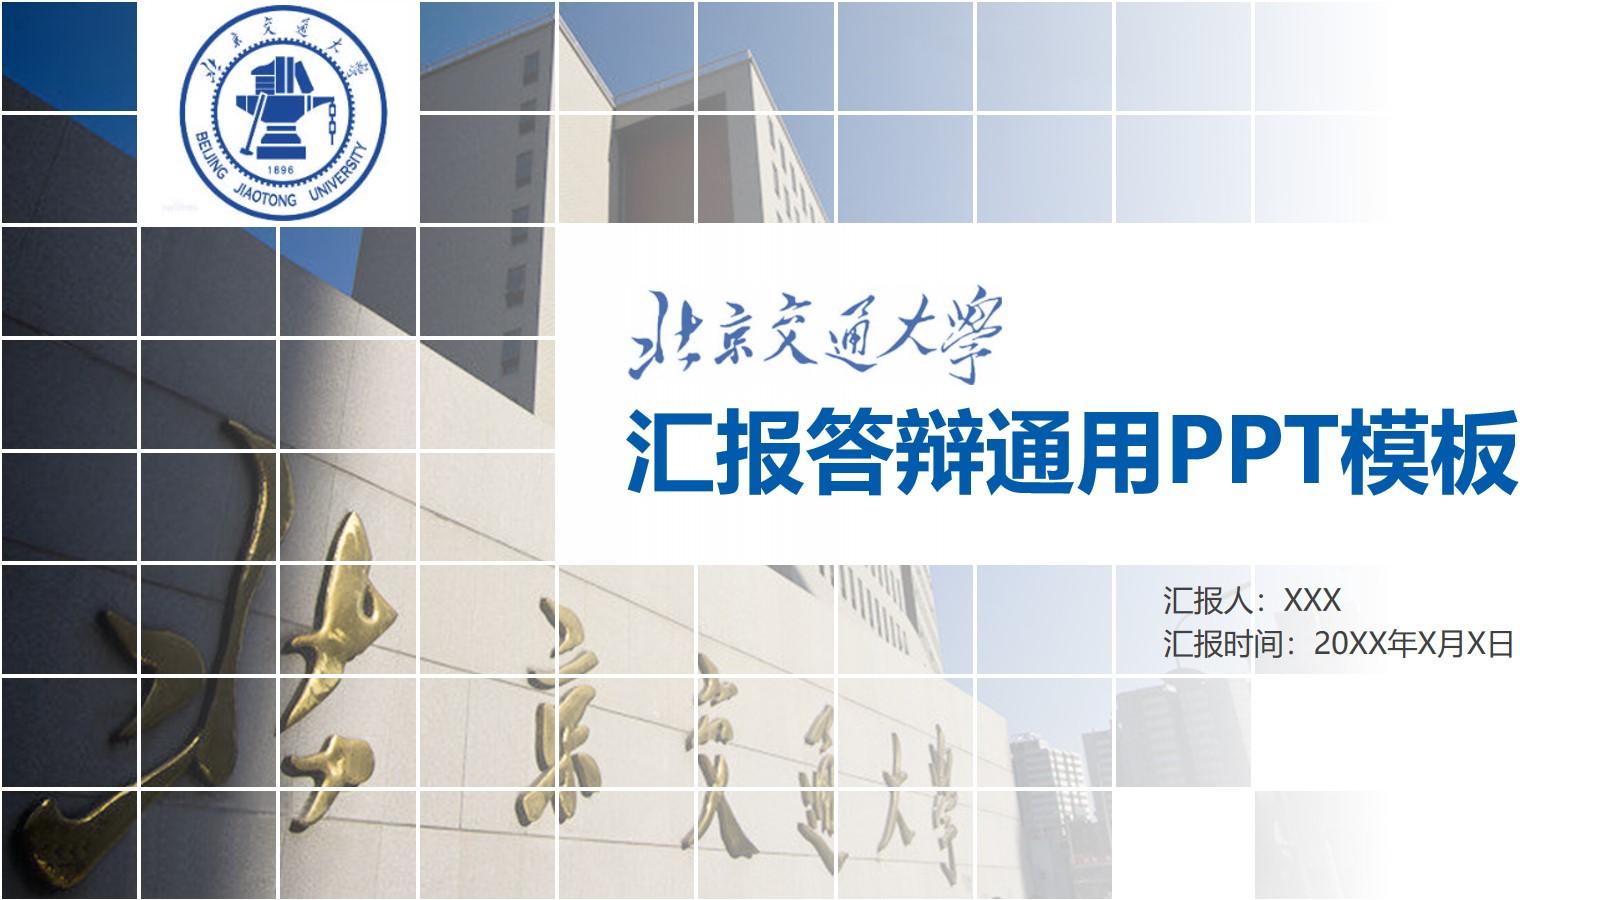 北京交通大学毕业论文汇报答辩ppt模板